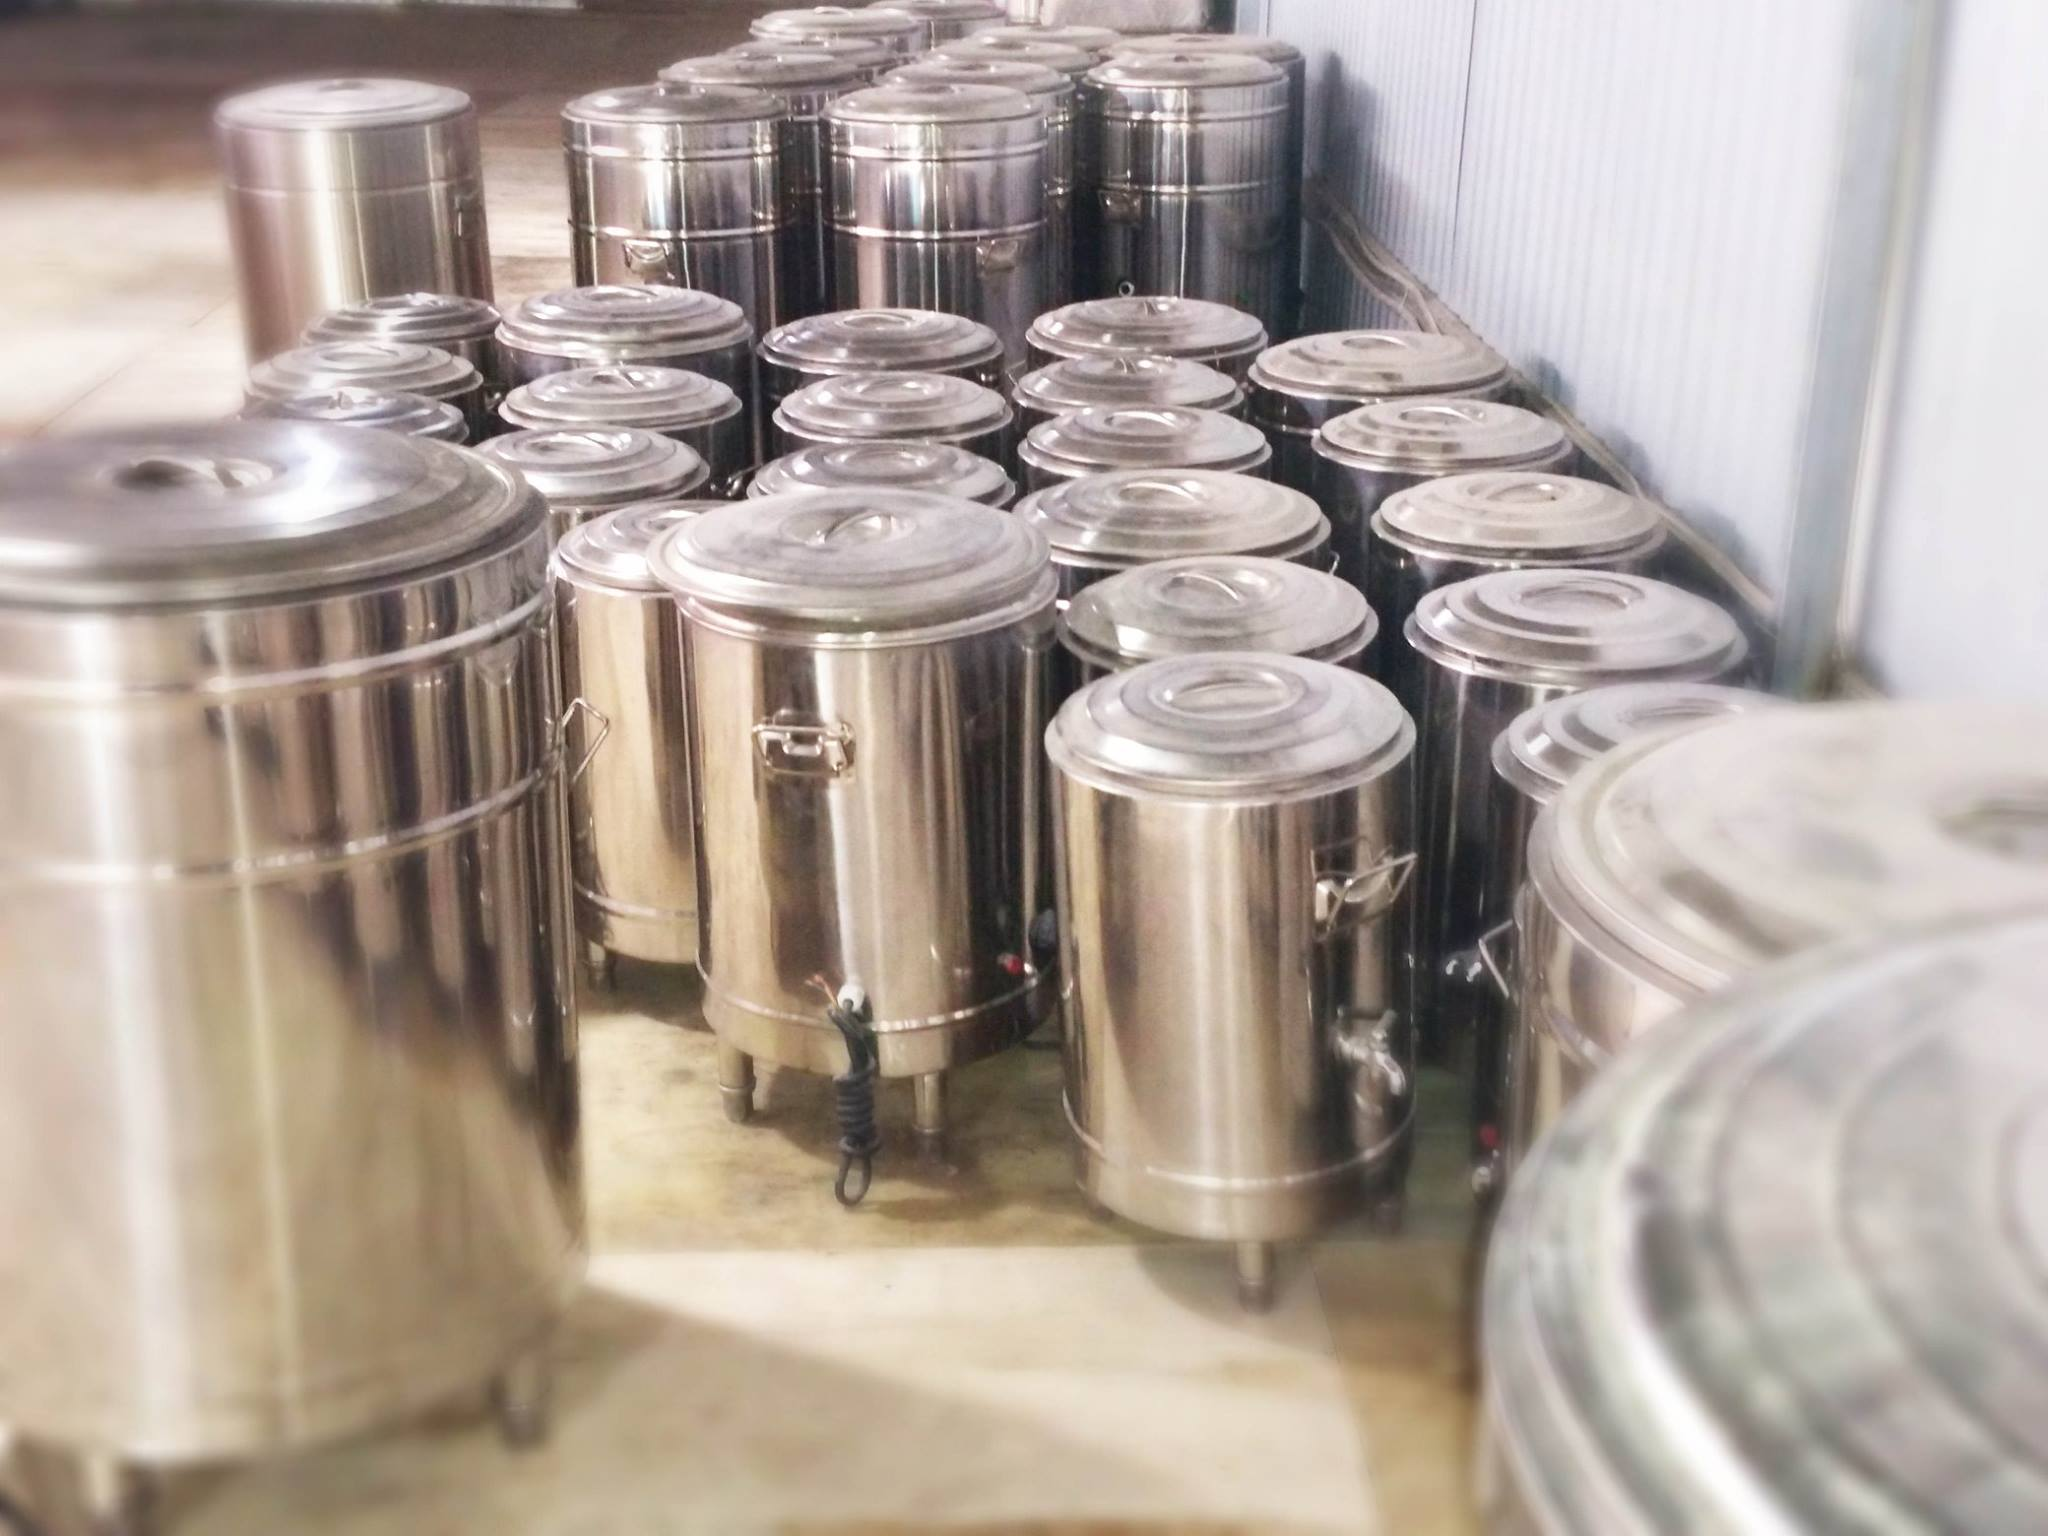 Một số loại nồi nấu phở dung tích khác trong bộ nồi phở inox chất lượng cao của Bếp 36: nồi 20 lít, 30 lít, 50 lít, 70 lít...